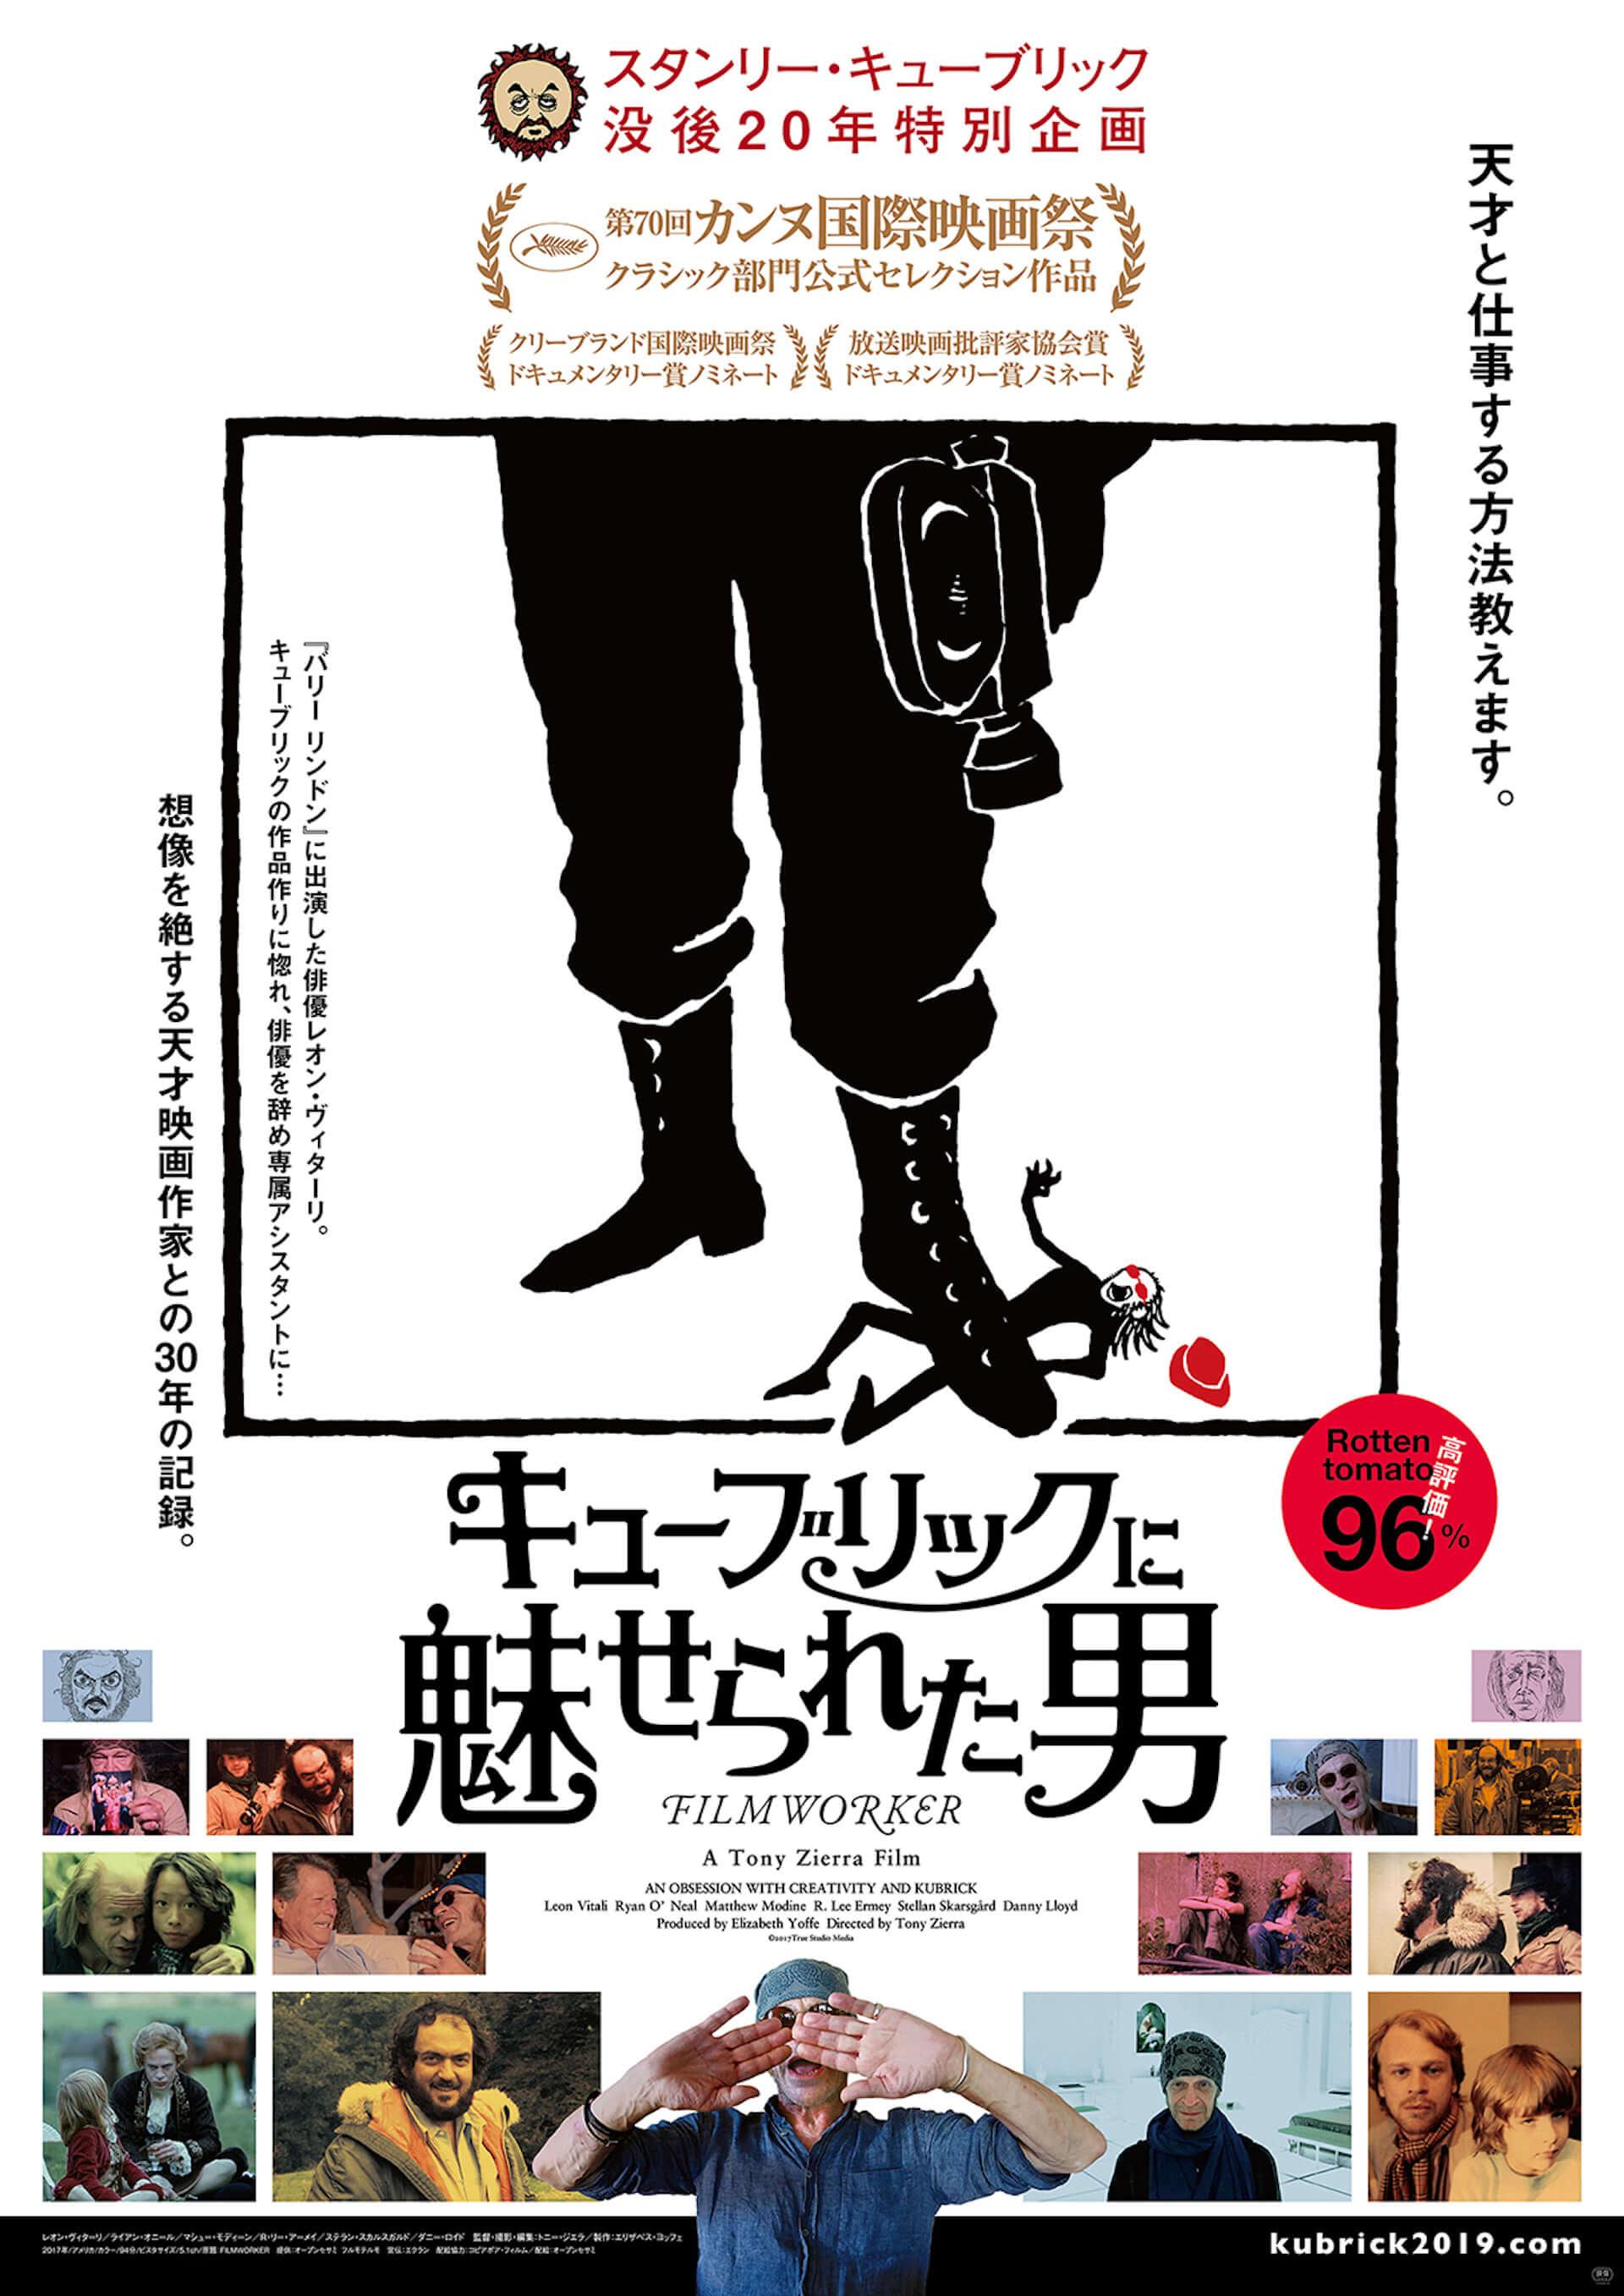 世界の巨匠スタンリー・キューブリックのすべてが詰め込まれた映画『キューブリックに愛された男』&『キューブリックに魅せられた男』同時上映決定! film190627_stanleykubrick_2-1920x2714